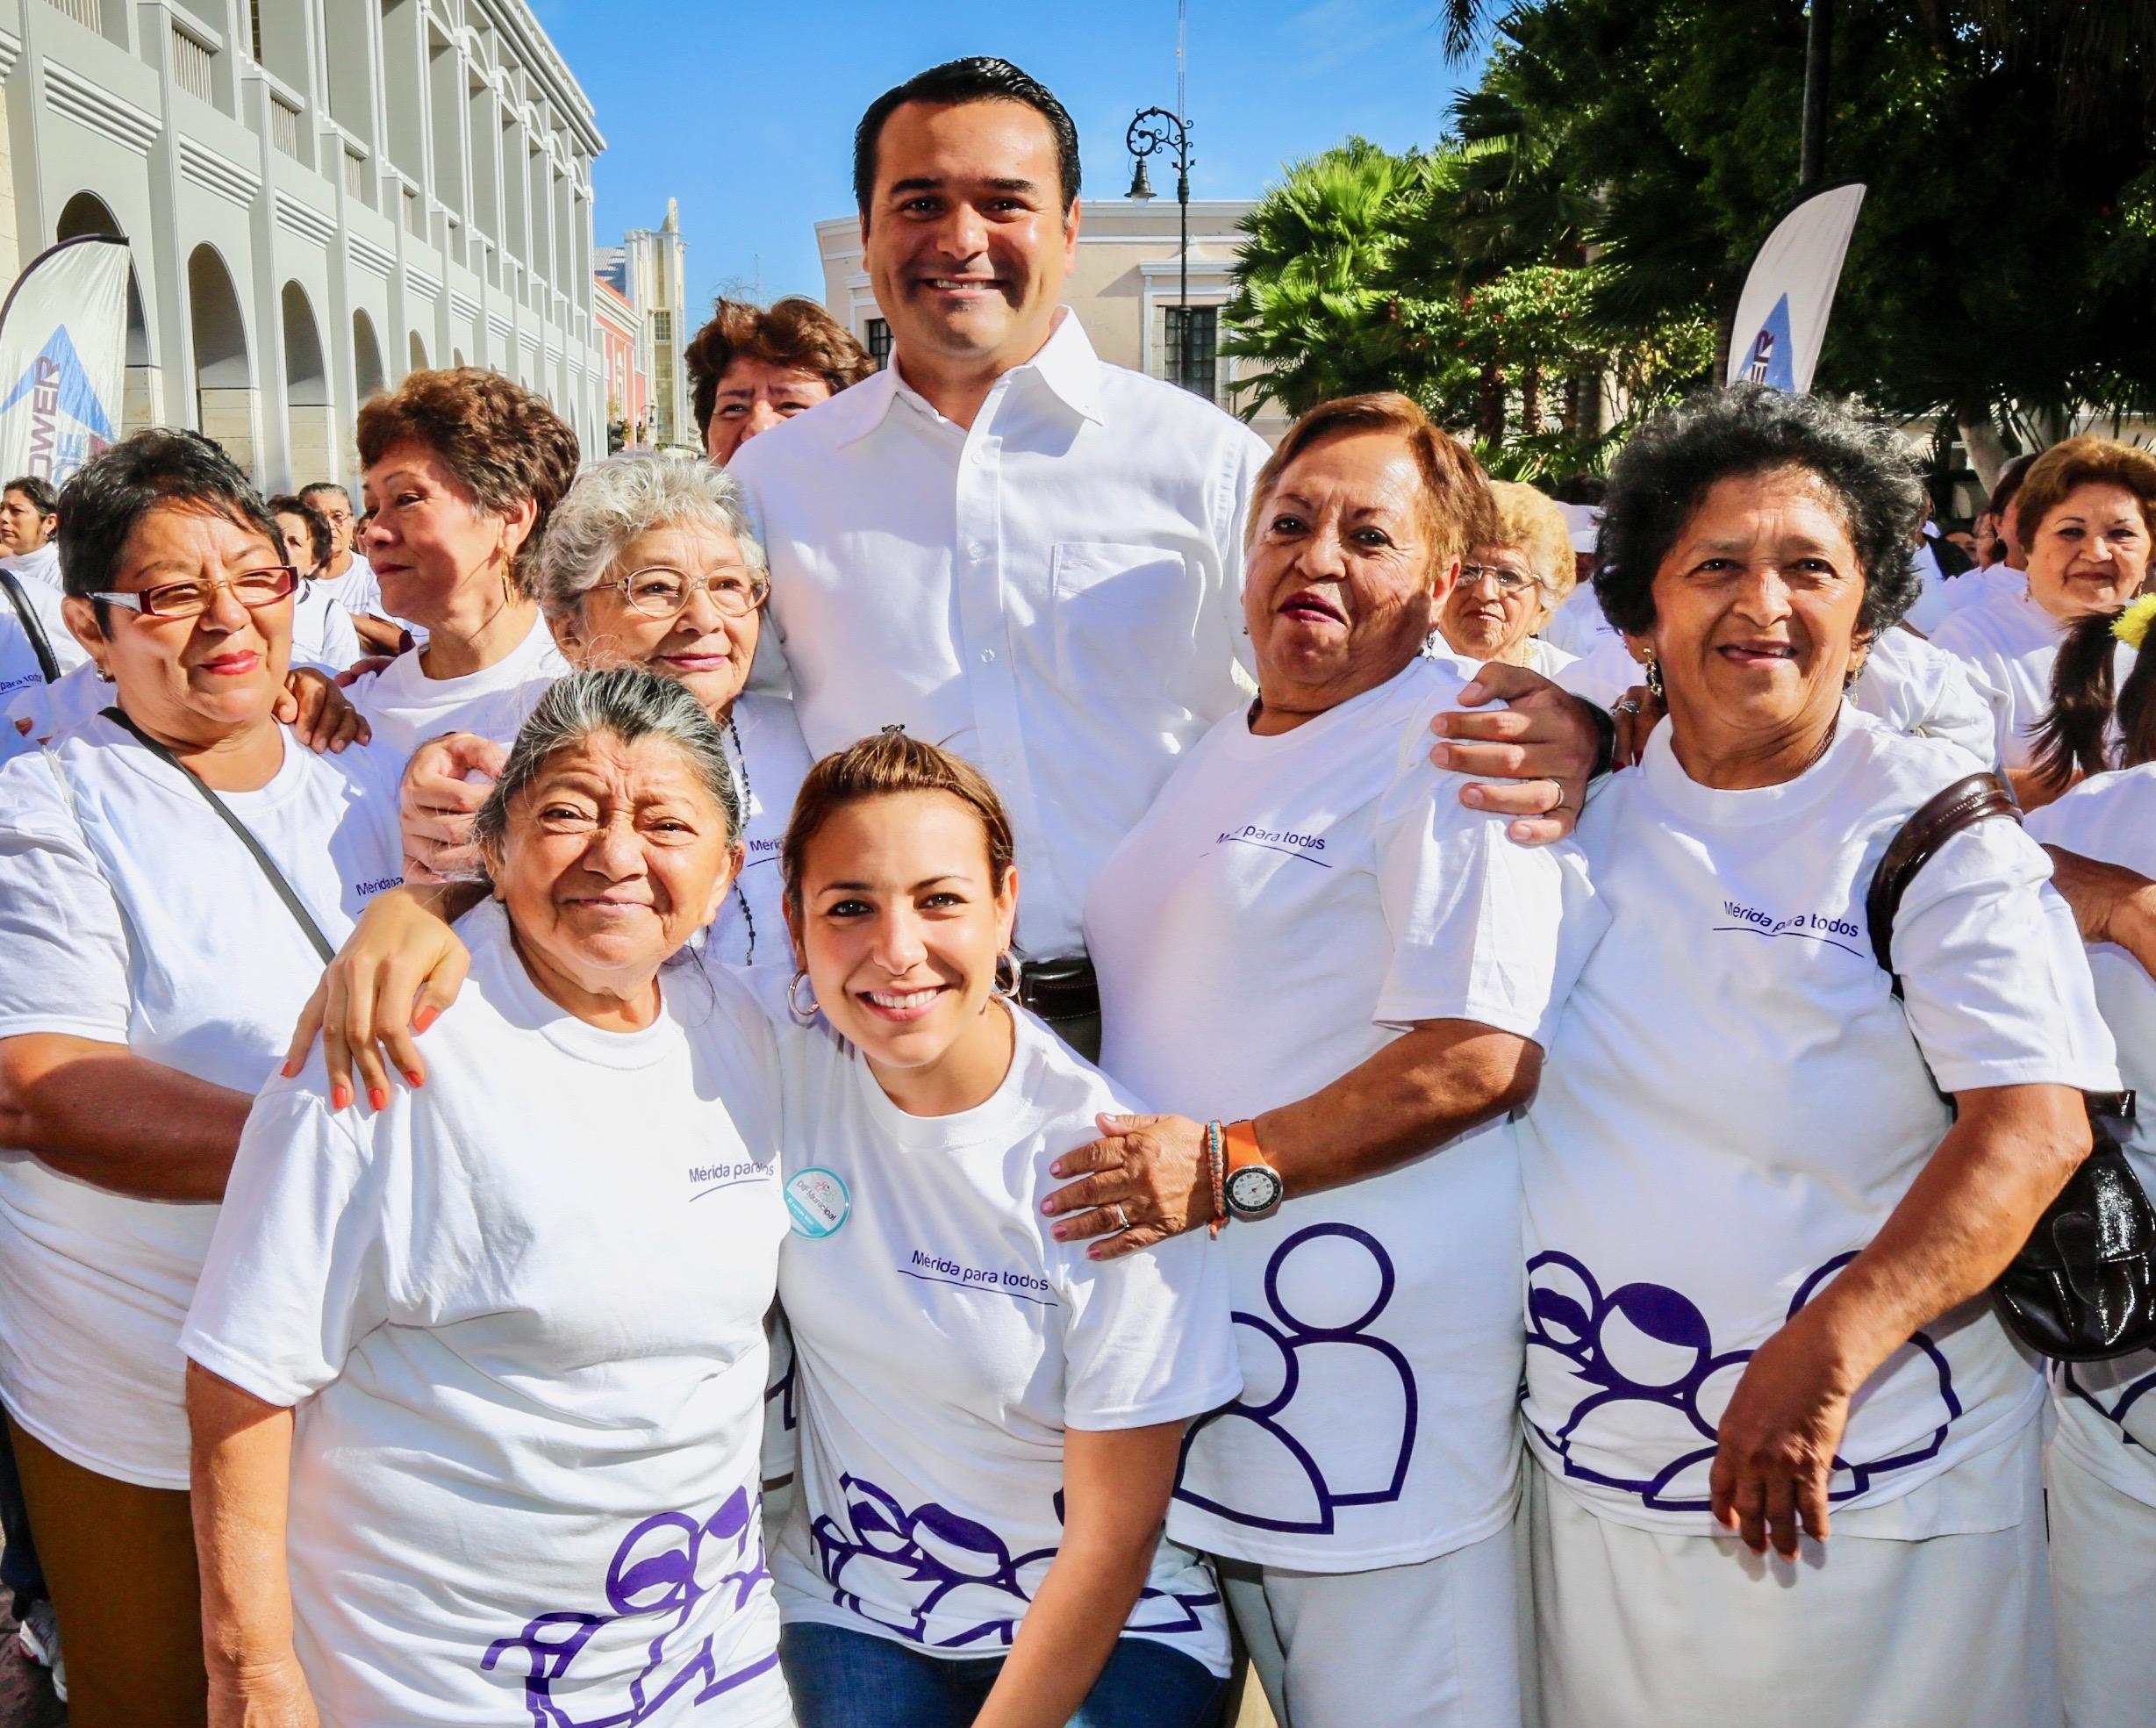 Apoyo y atención a adultos mayores contribuye a sociedad justa y equitativa